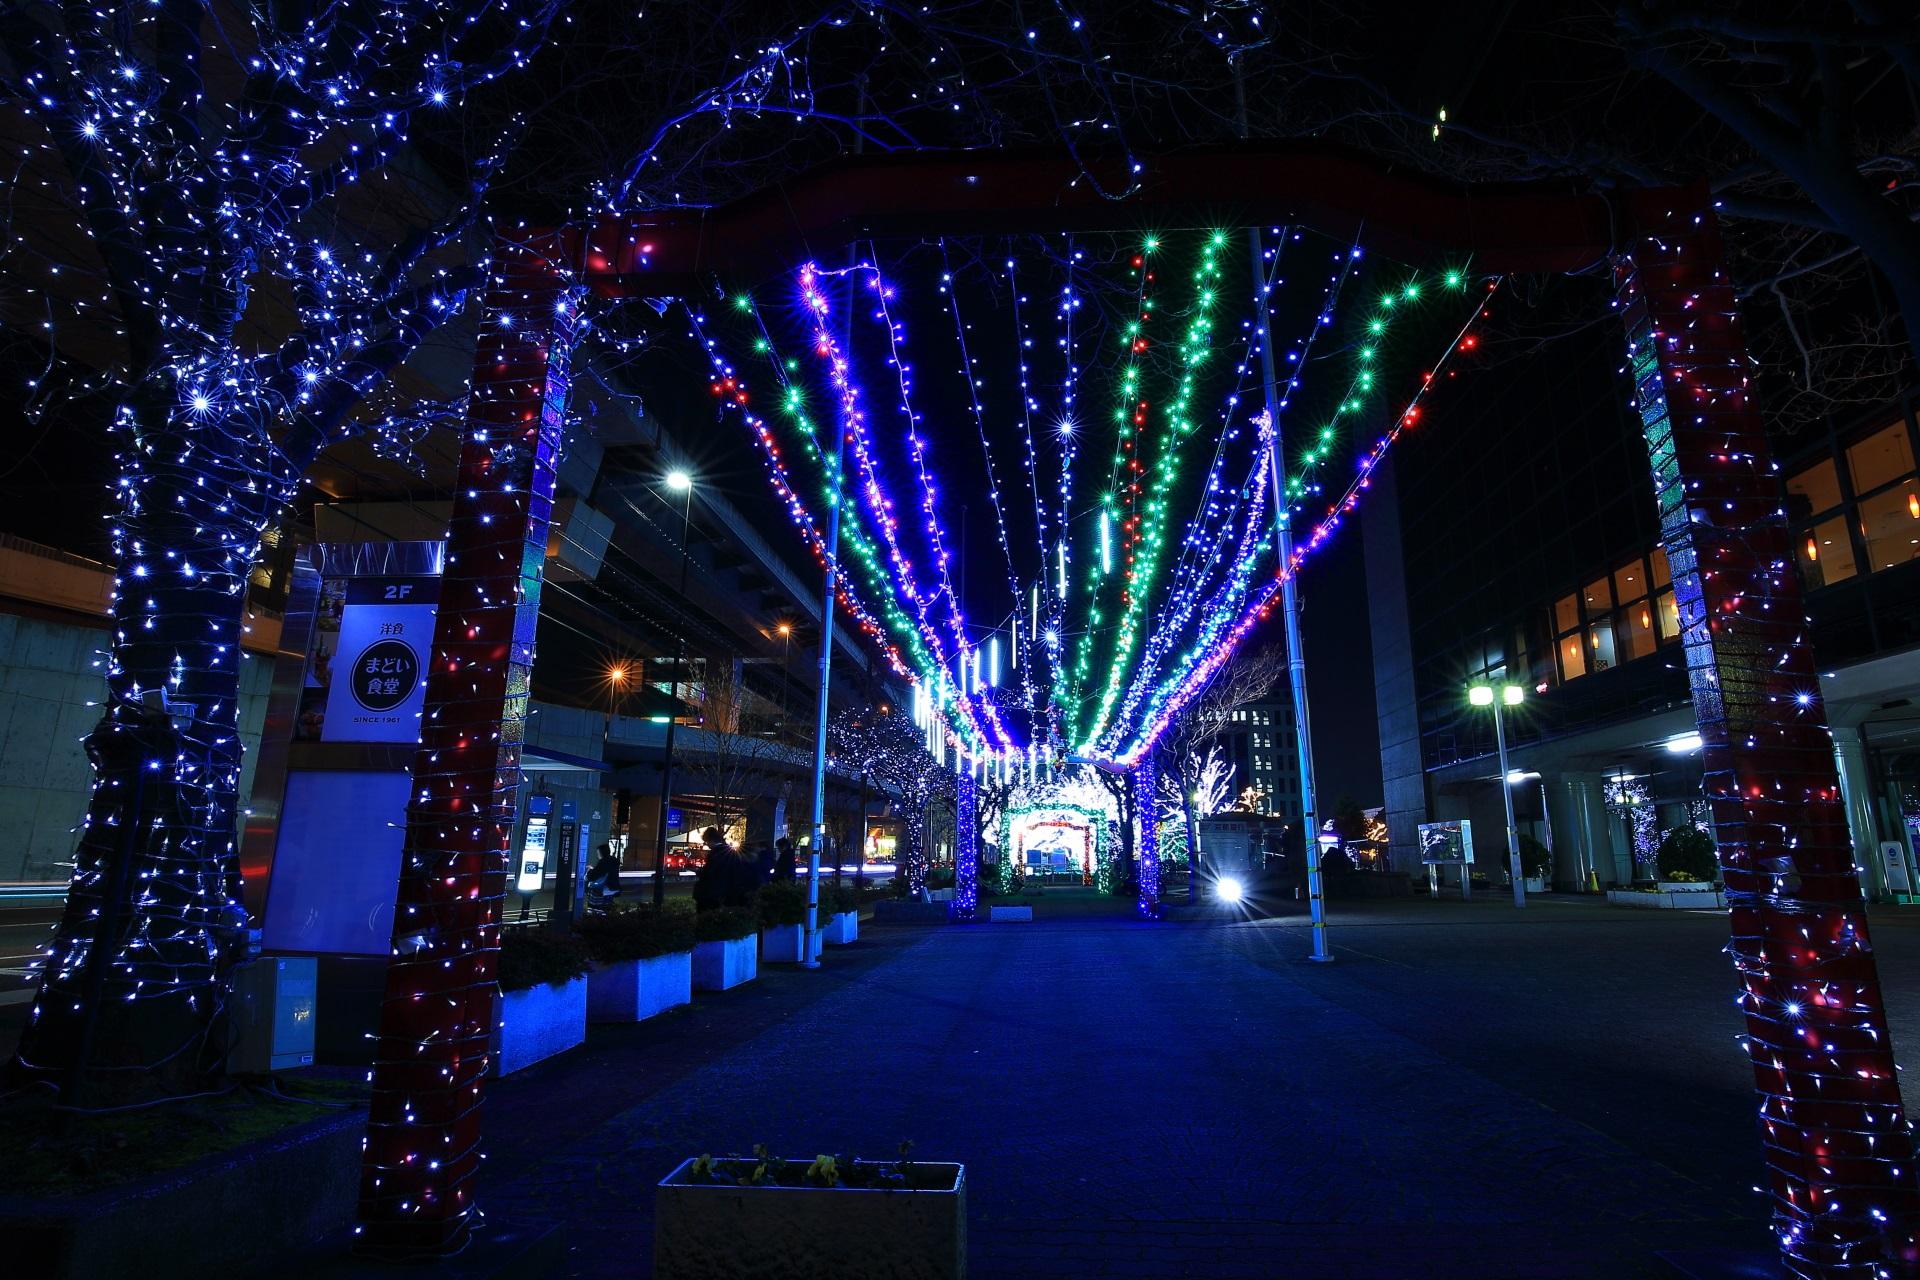 京セラ本社のイルミネーションのトンネル